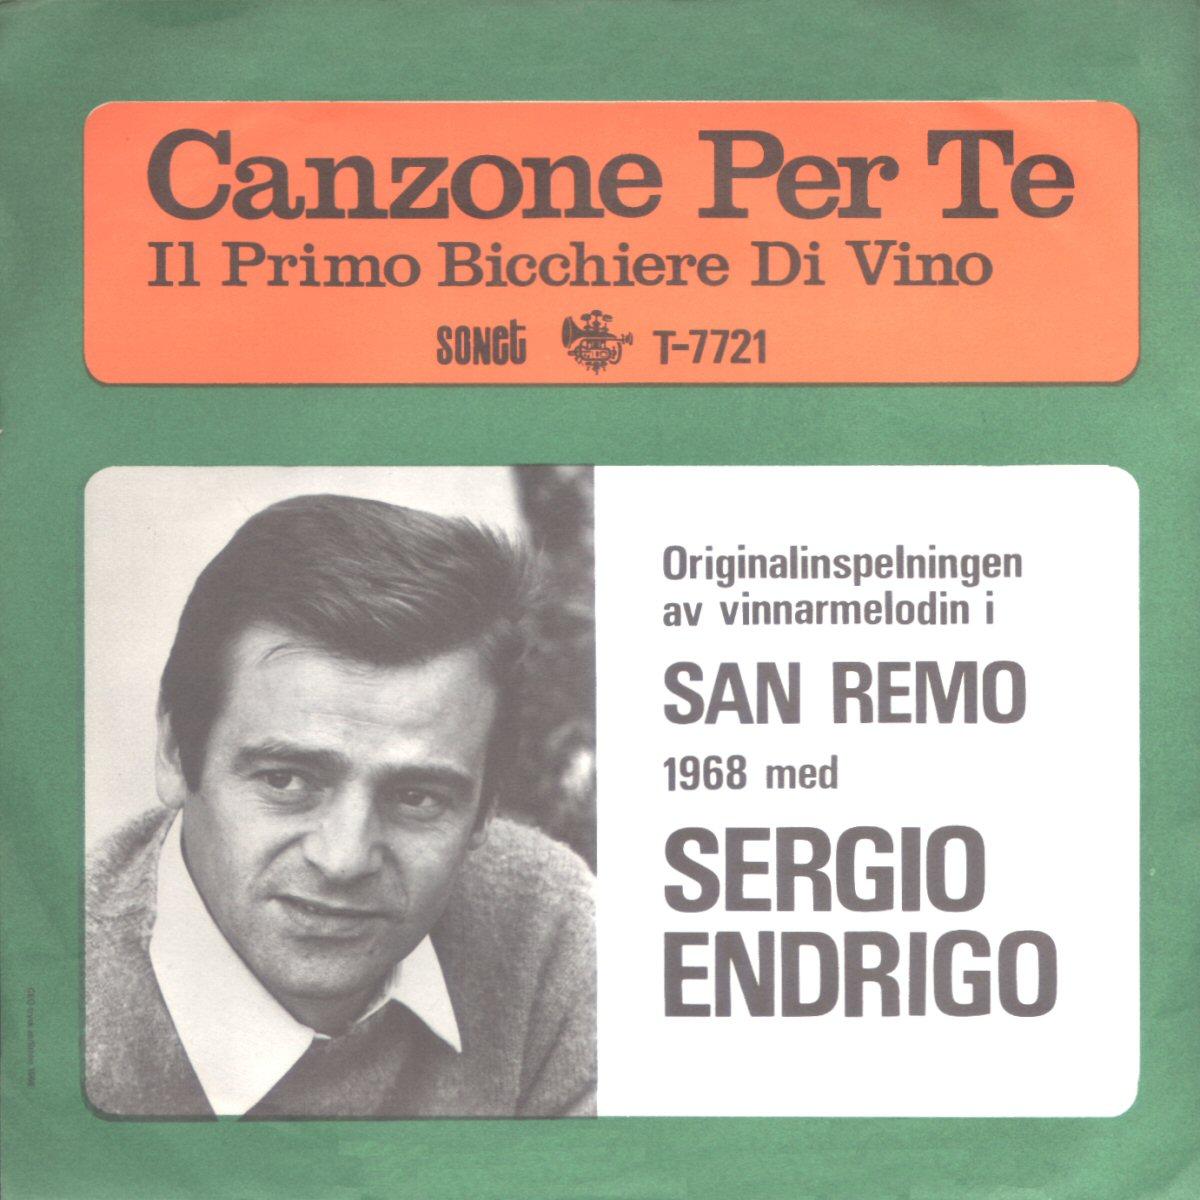 Sergio, perdonali, se puoi... #Sanremo2020 https://t.co/NsS7MBrPNZ